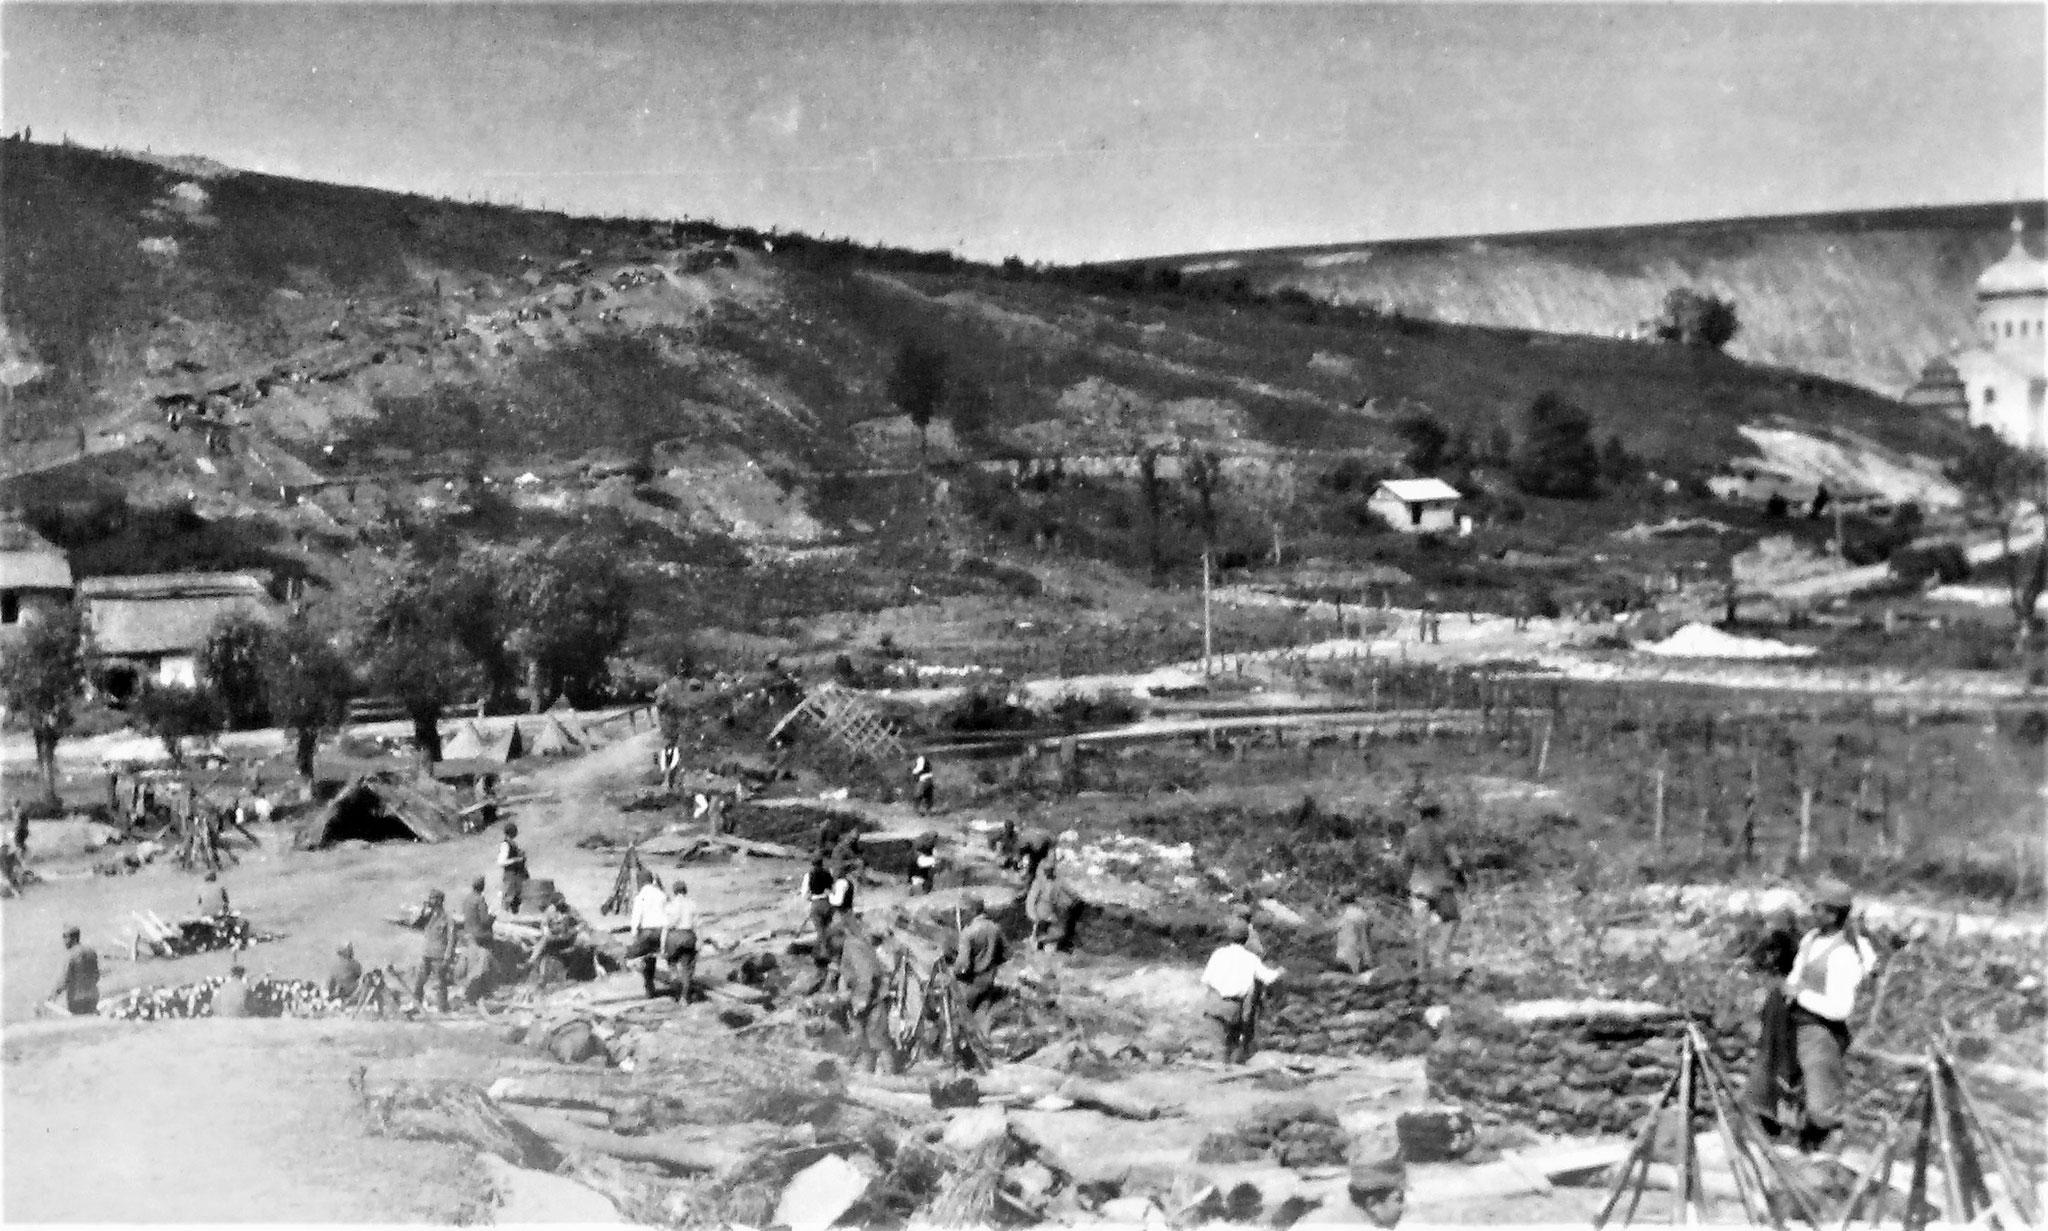 Nordteil der Stellung der 14. Kav. Brig (Gen. v. Rettich).